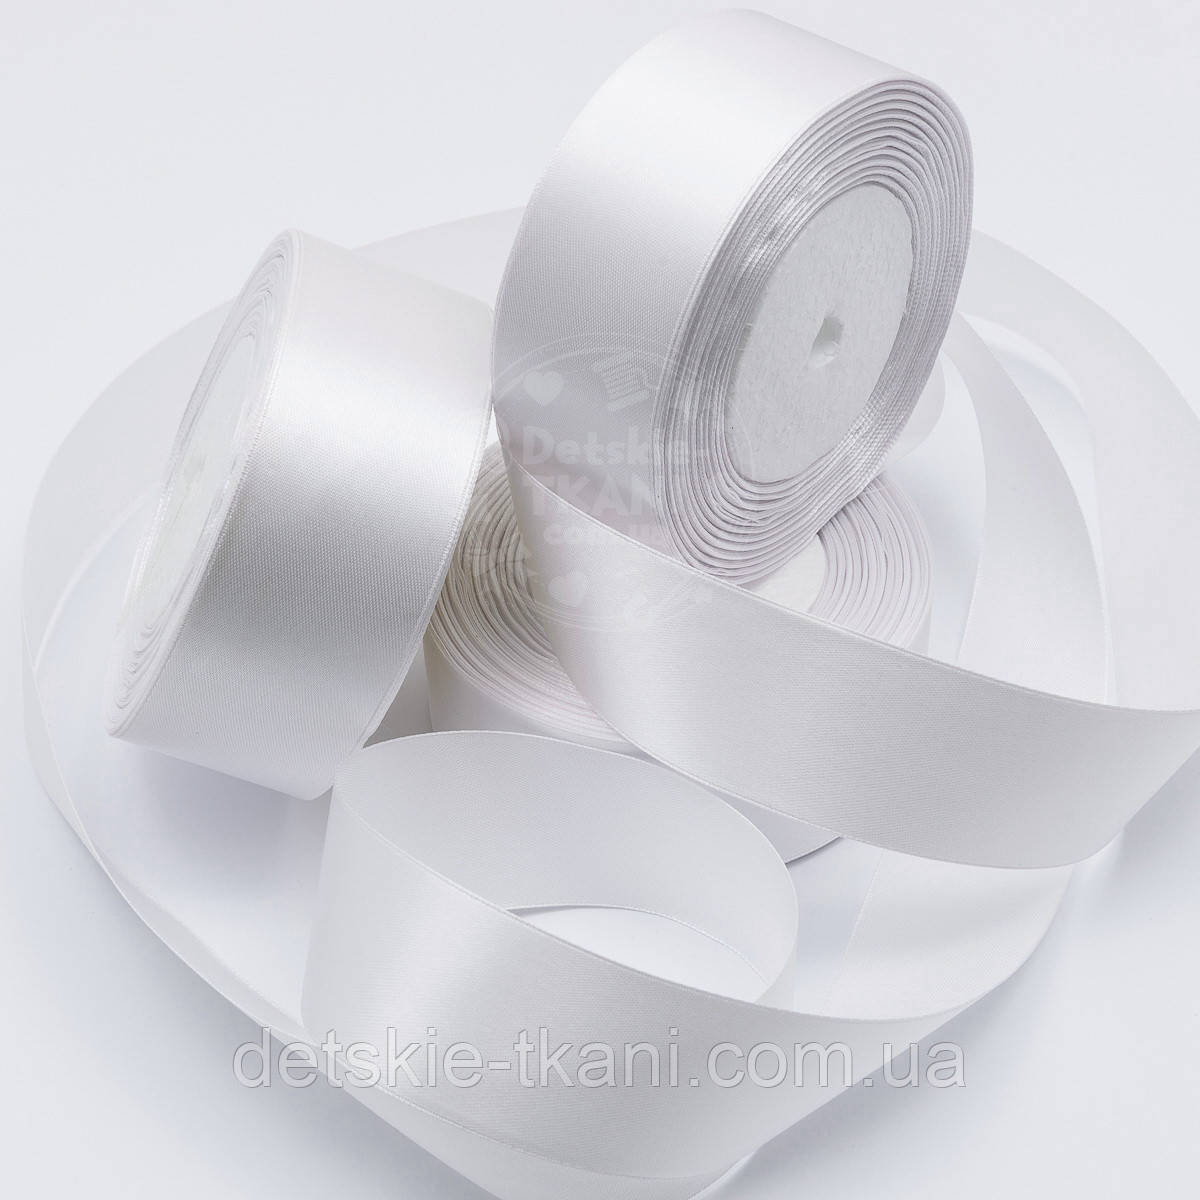 Лента сатиновая шириной 38 мм белого цвета